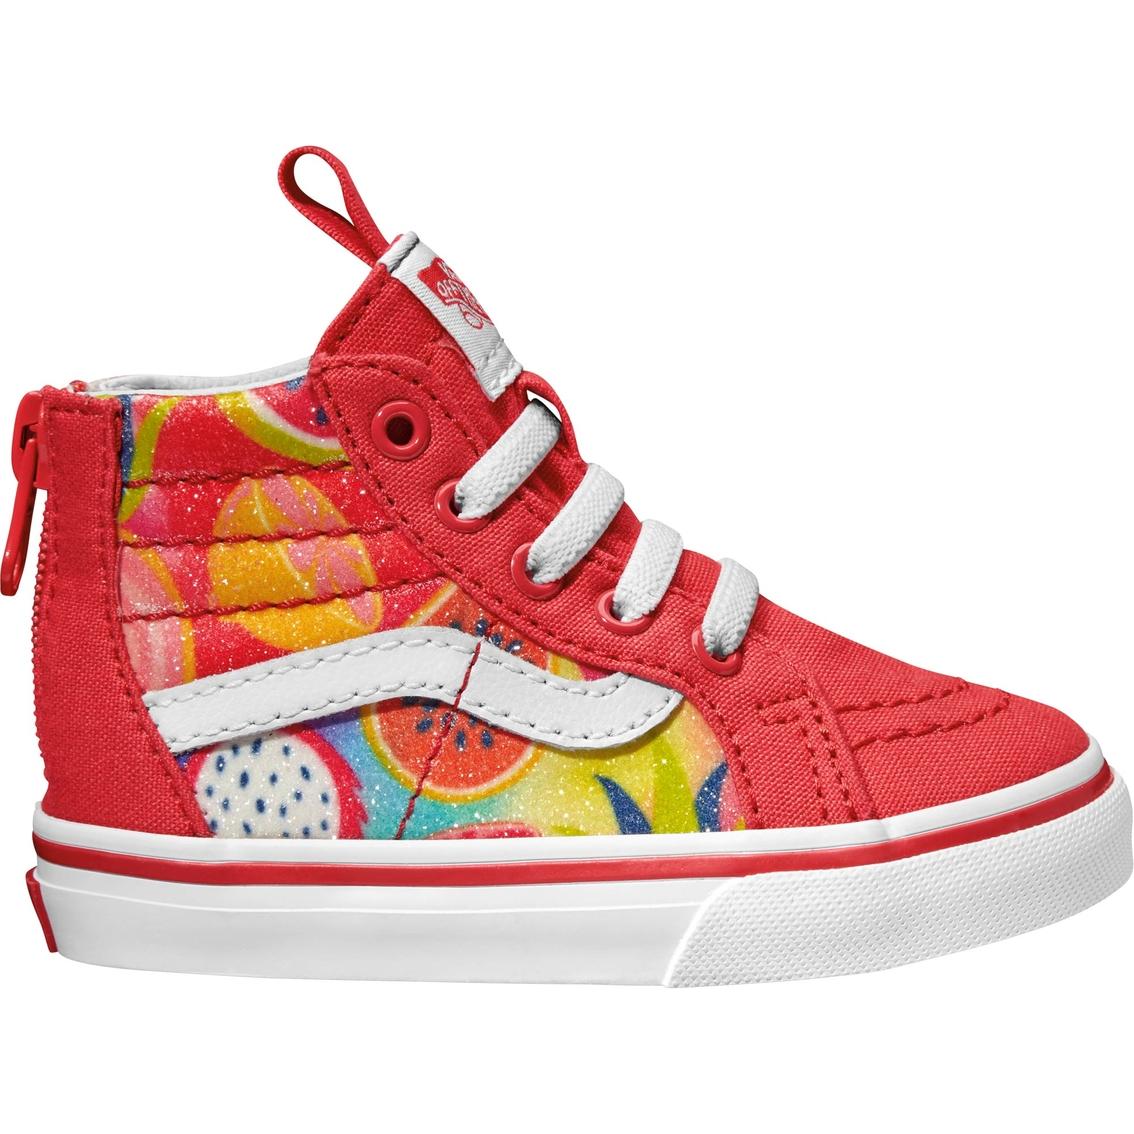 8b2e62d71cfa57 Vans Little Girls Sk8 Hi Zip Fruit Sneakers